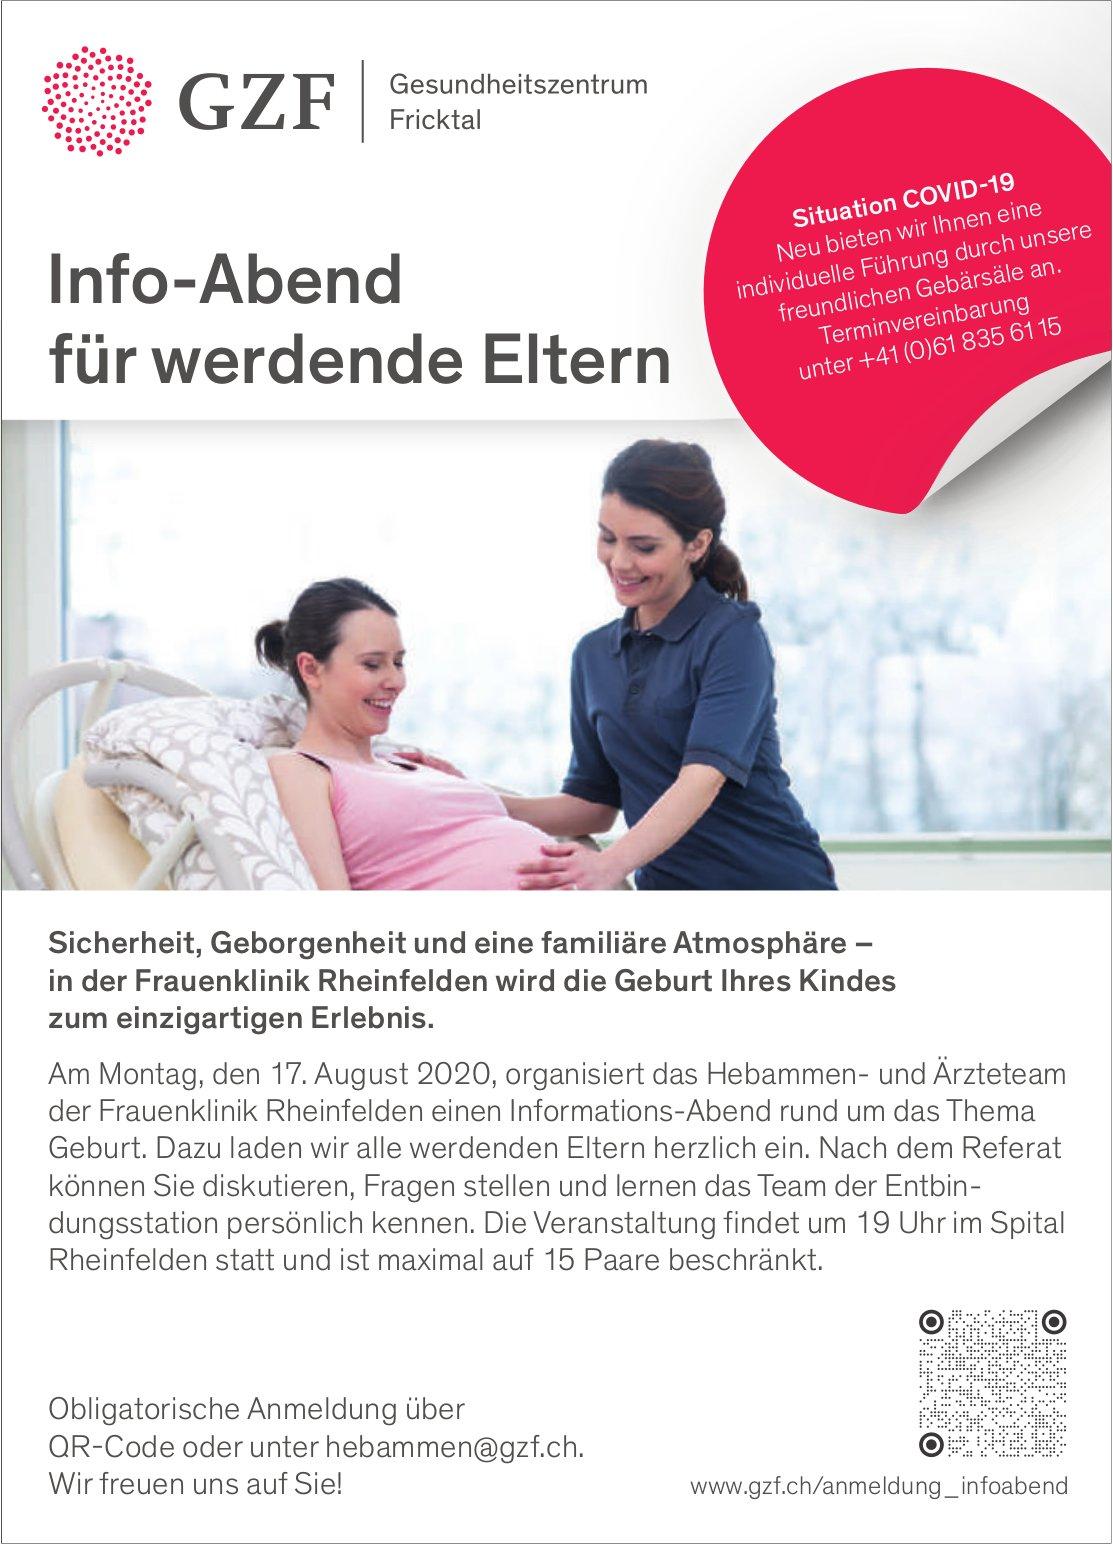 Info-Abend für werdende Eltern, 17. August, GZF, Rheinfelden